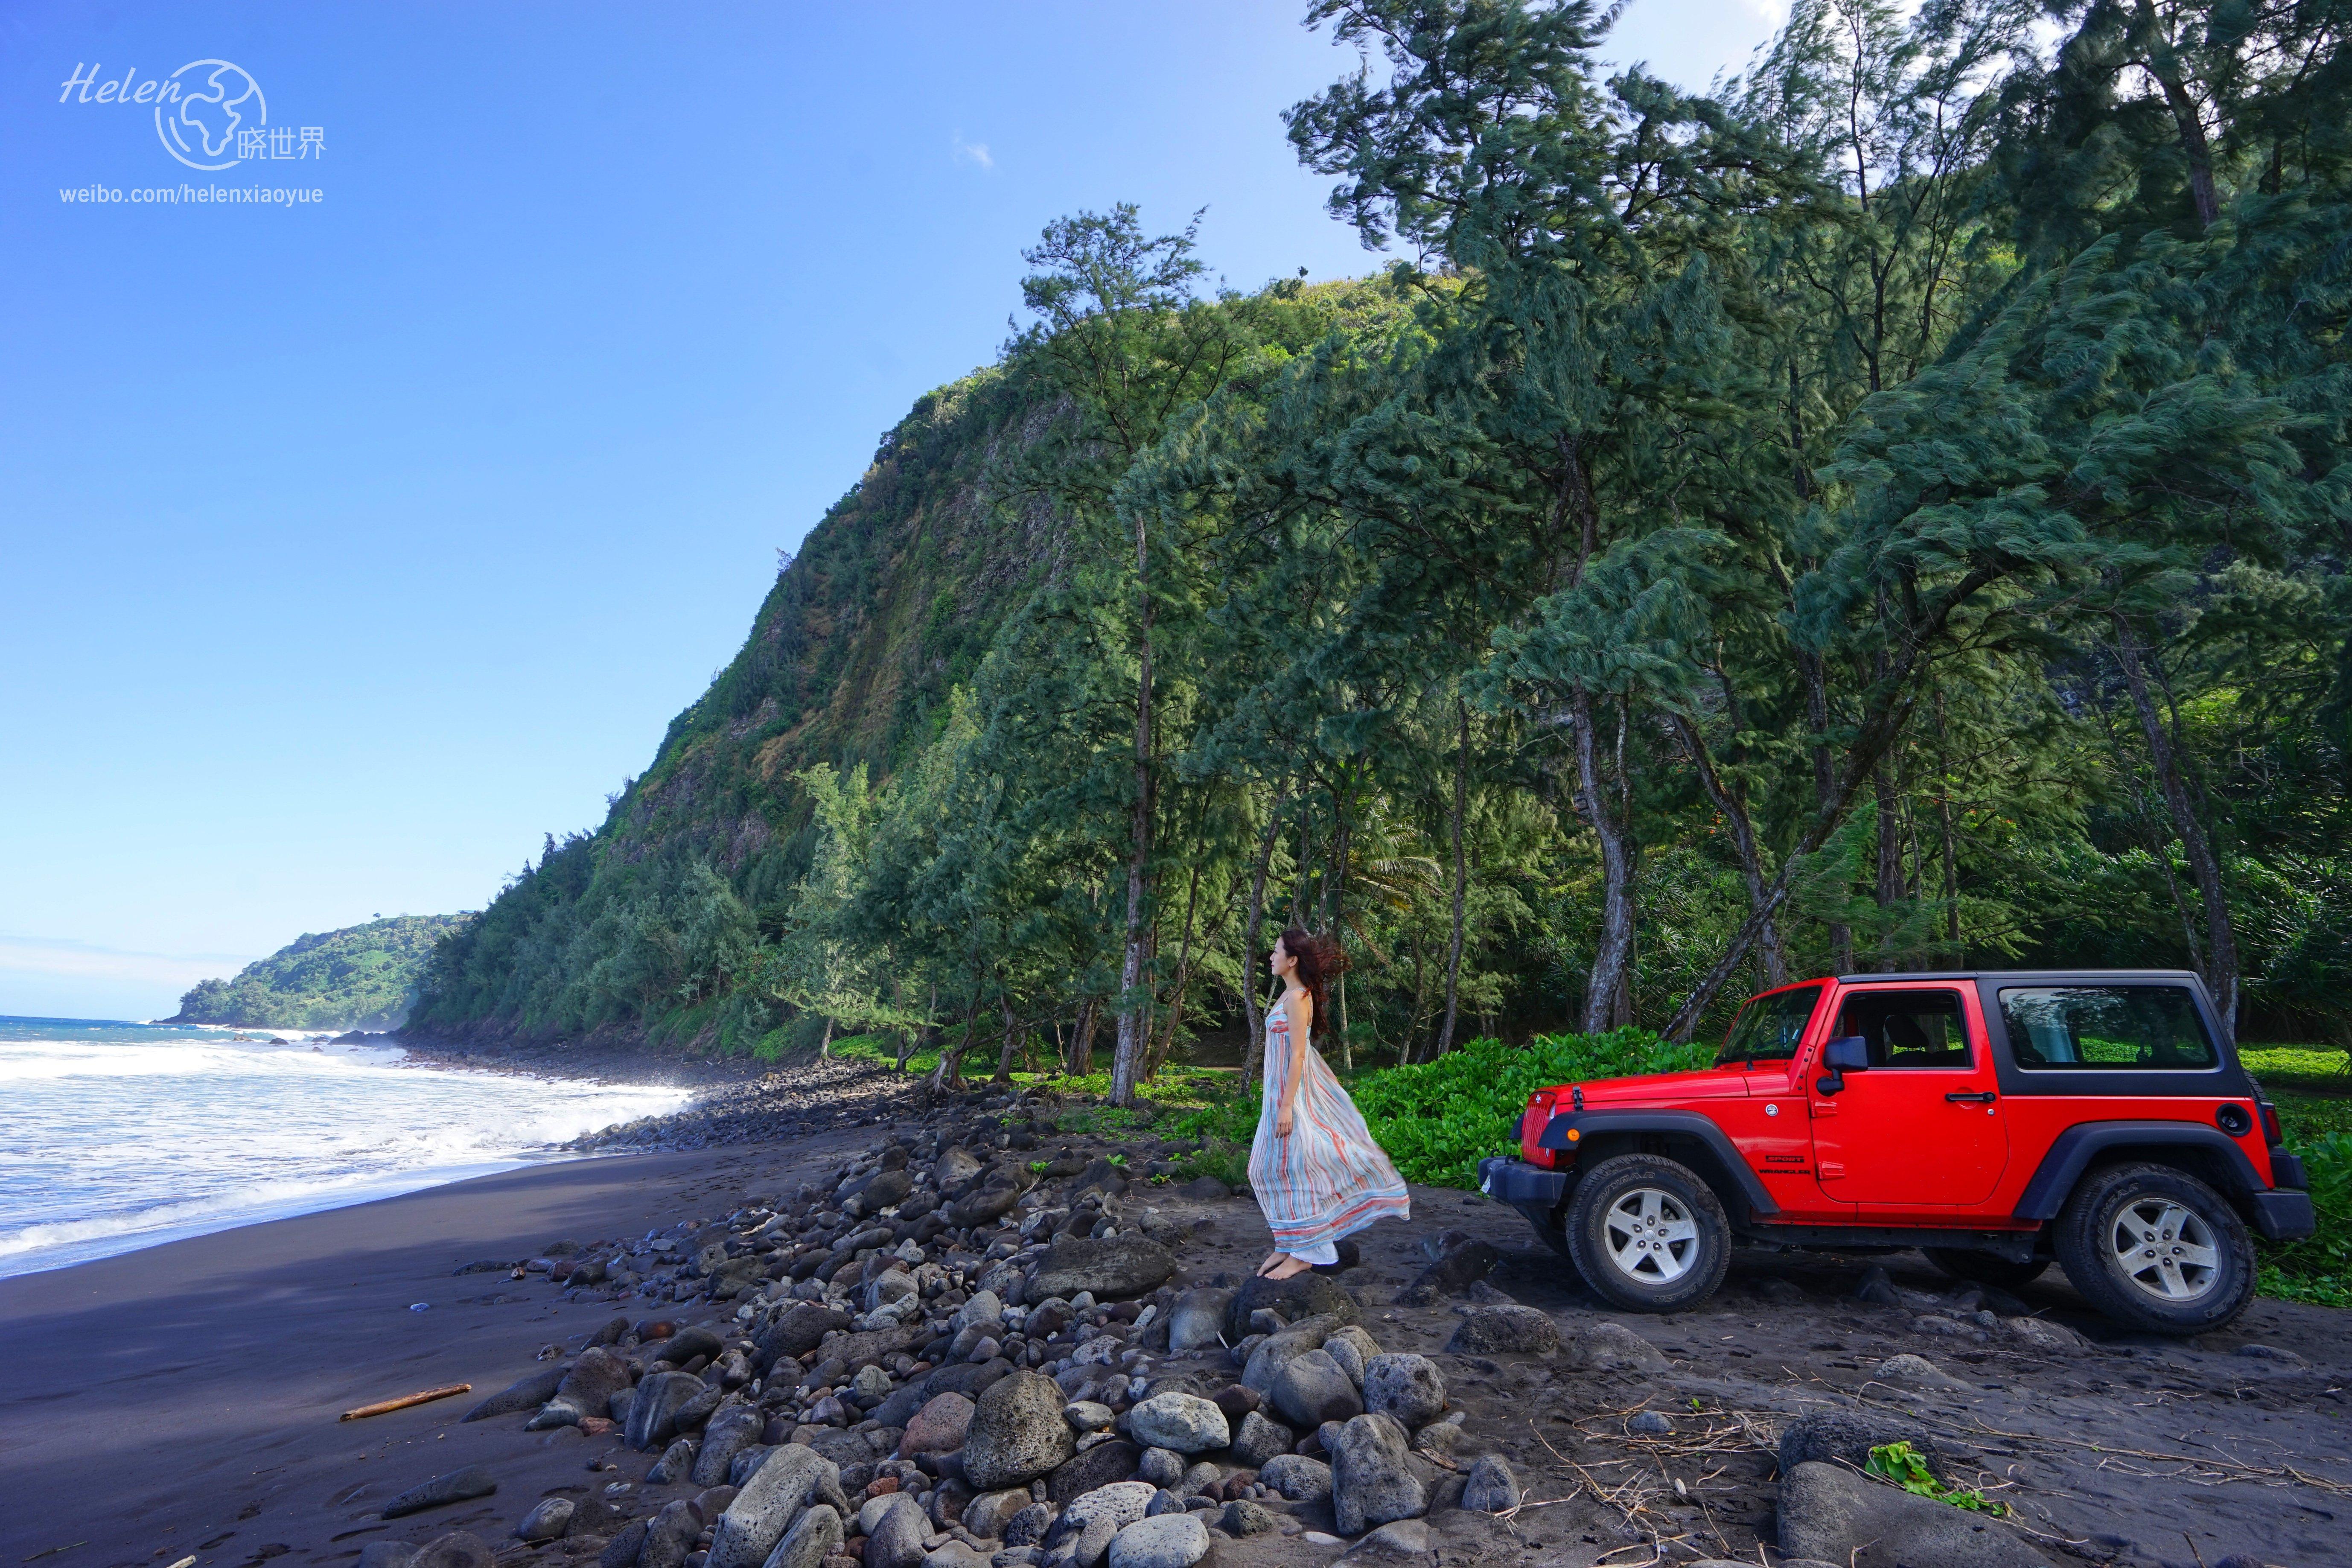 1车2人3岛4季,我们的夏威夷,有爱有自由——17春自驾之旅